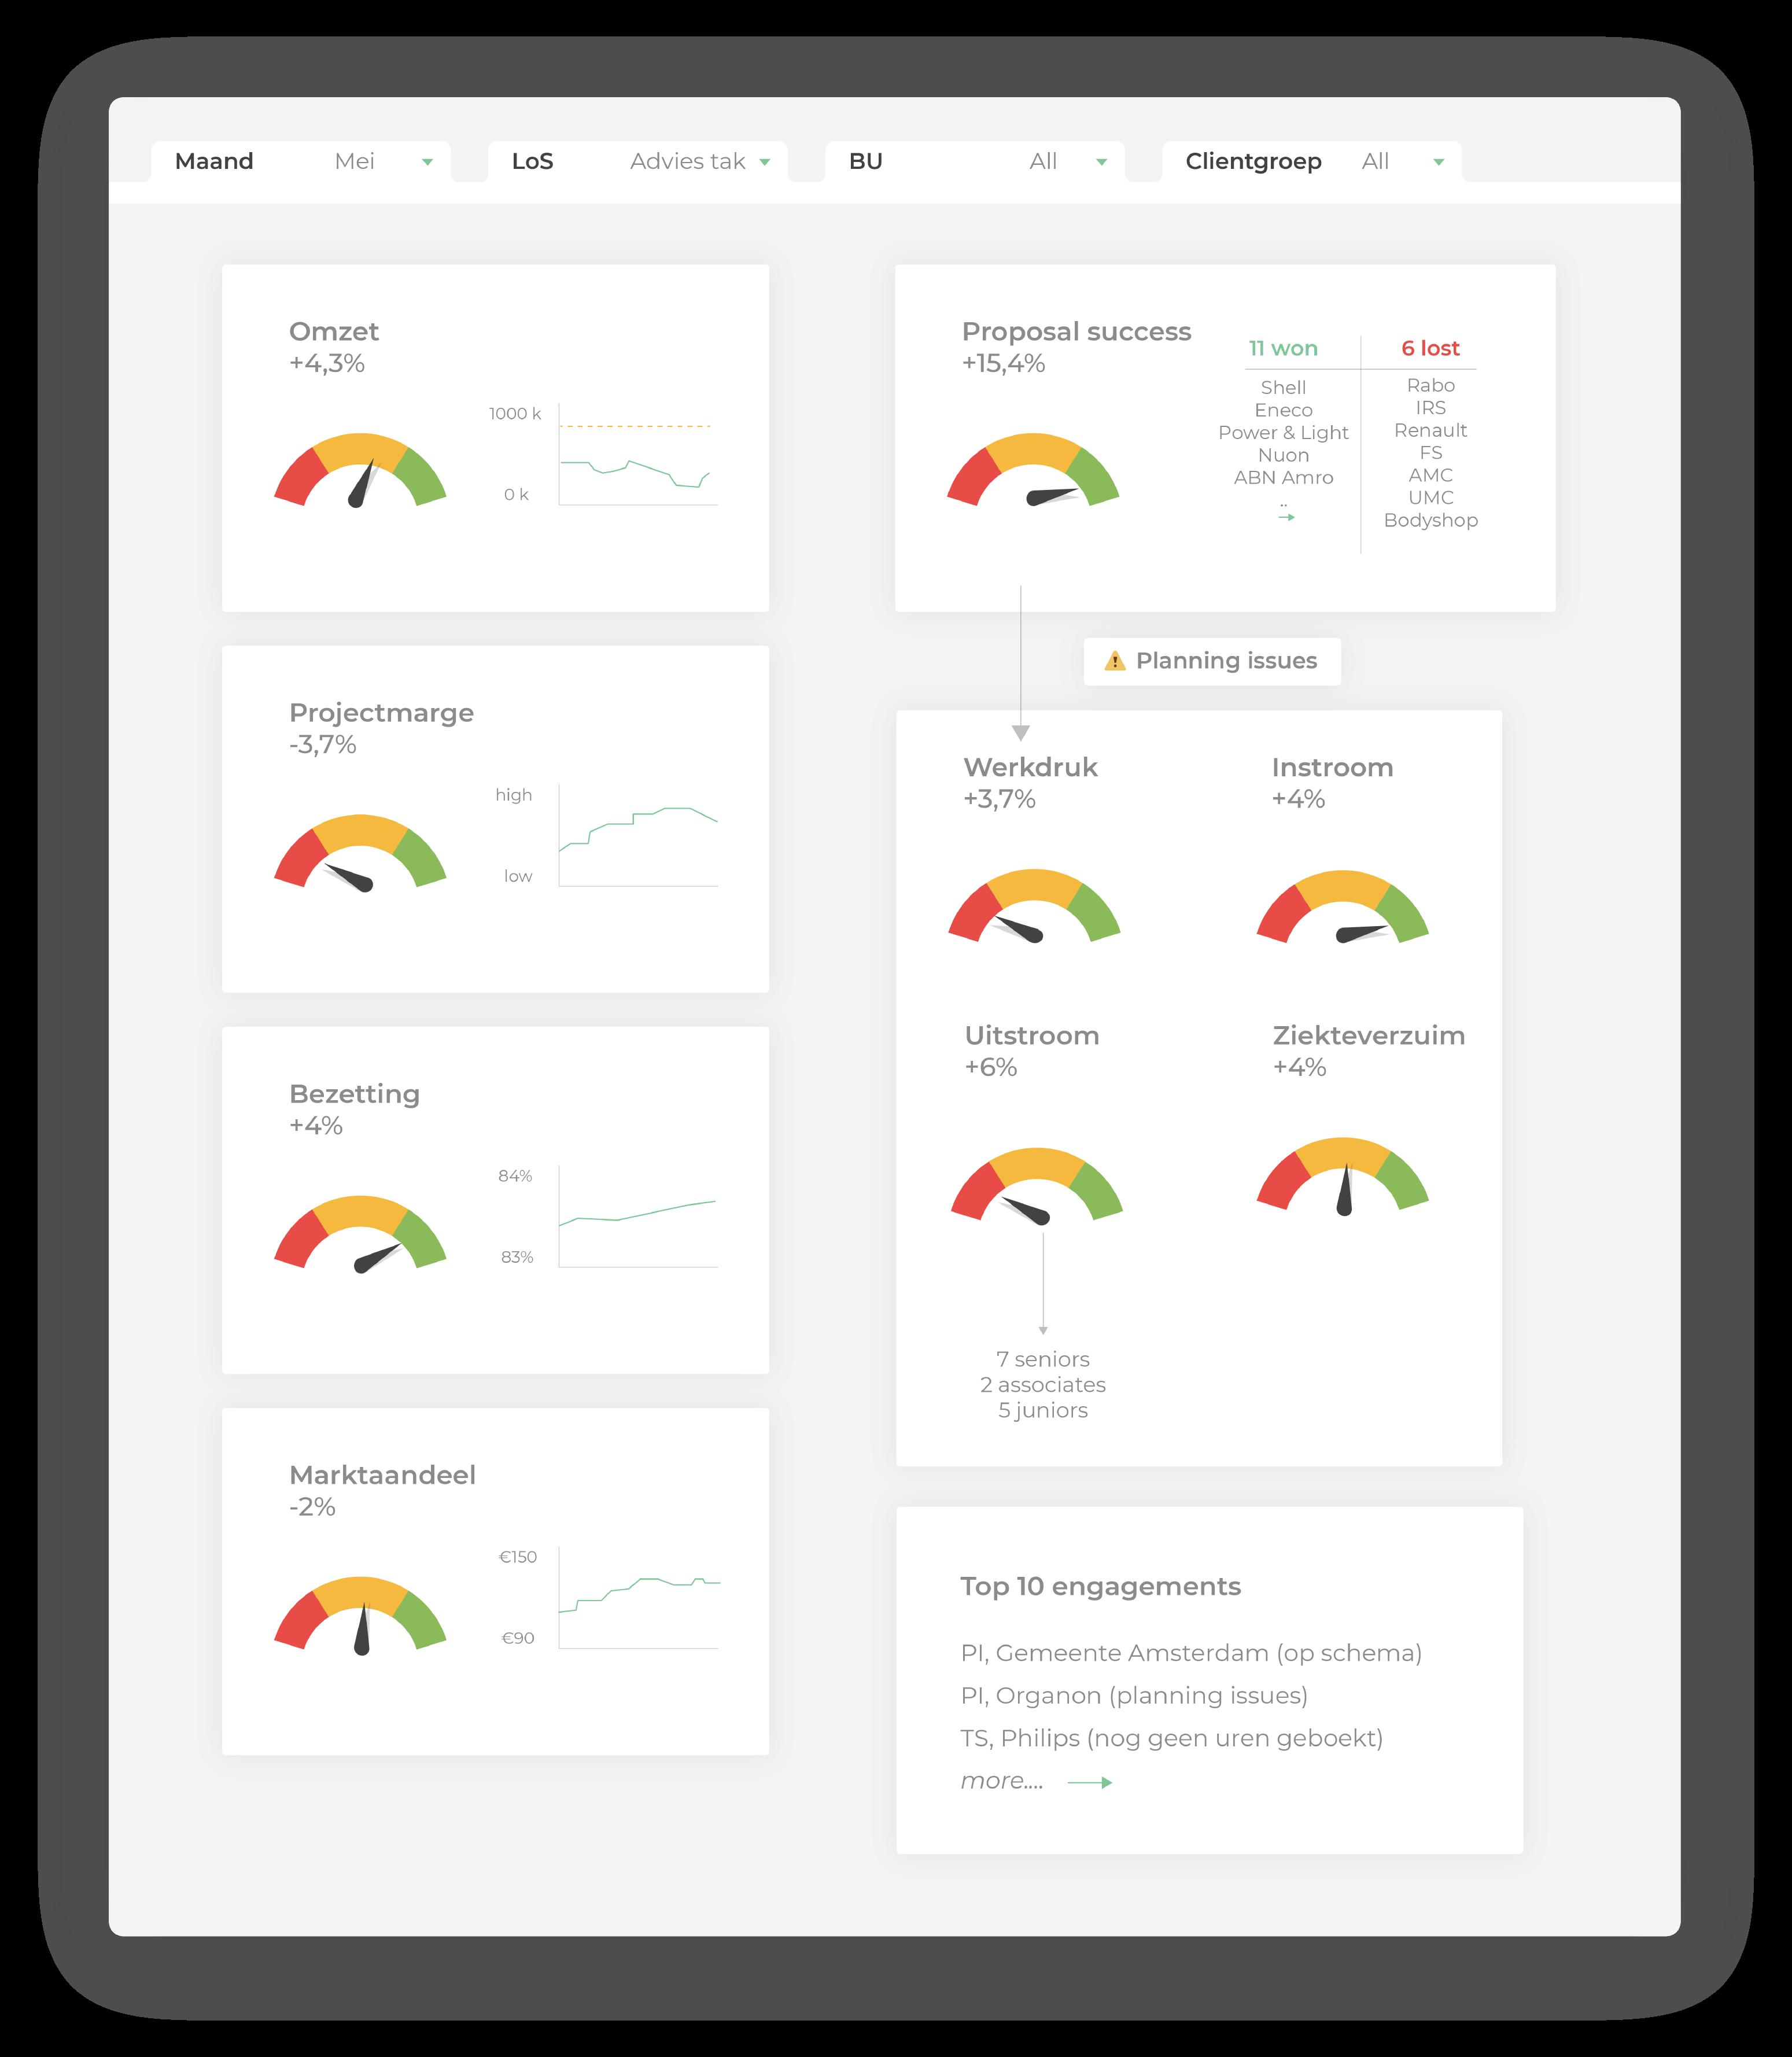 Voorbeeld van een dashboard uit de zakelijke dienstverlening